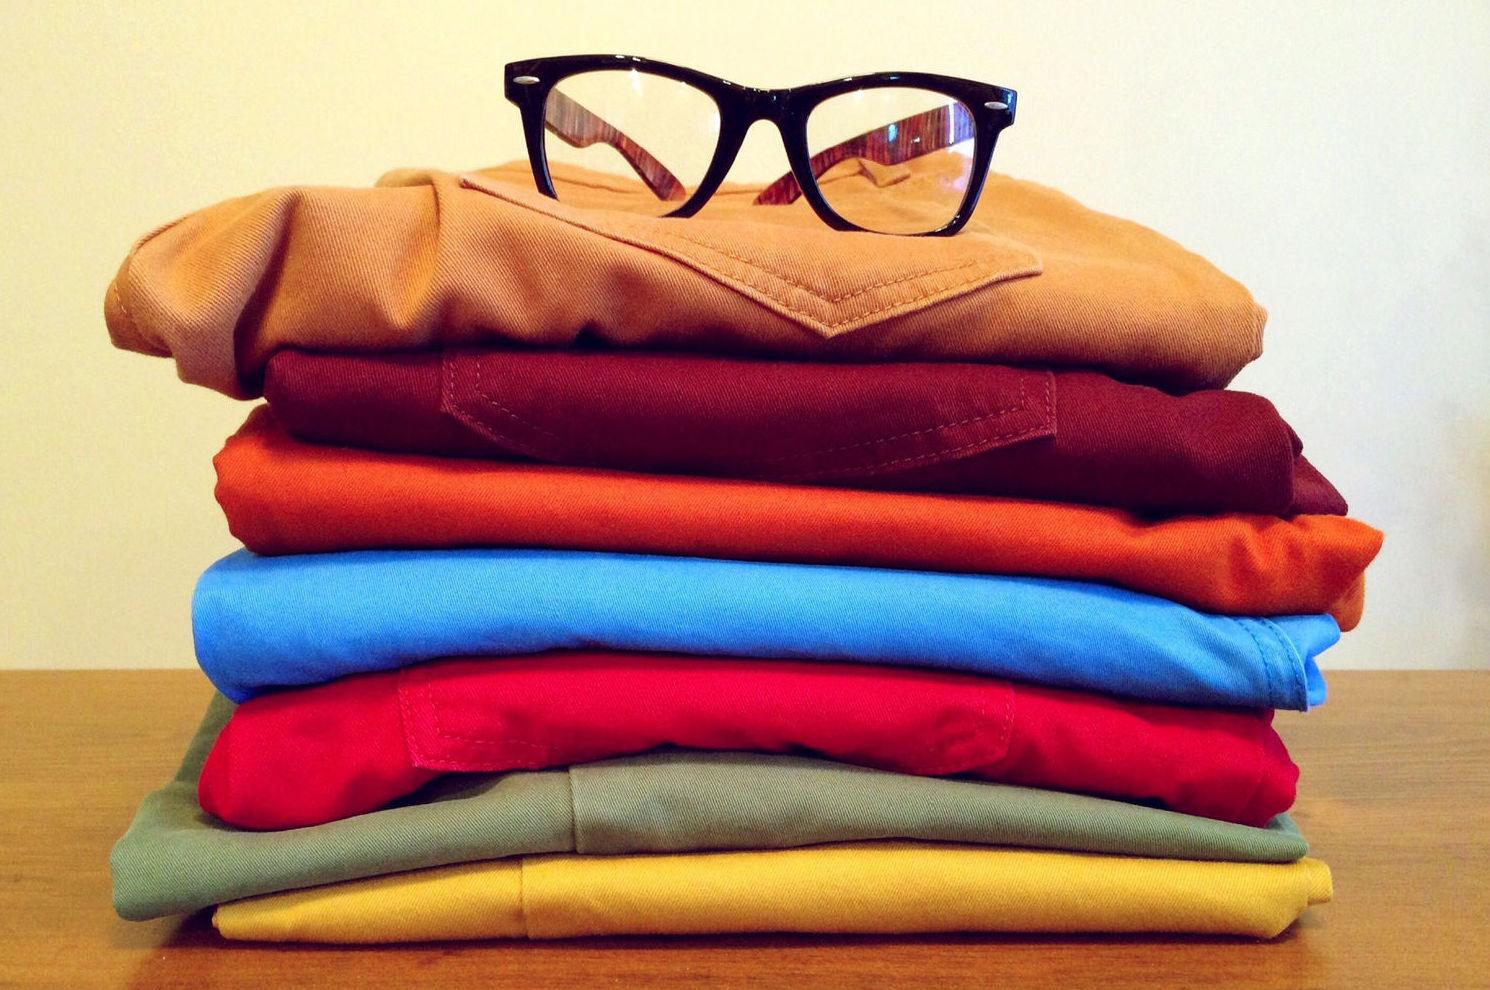 Almacén de ropa usada en Fuenlabrada